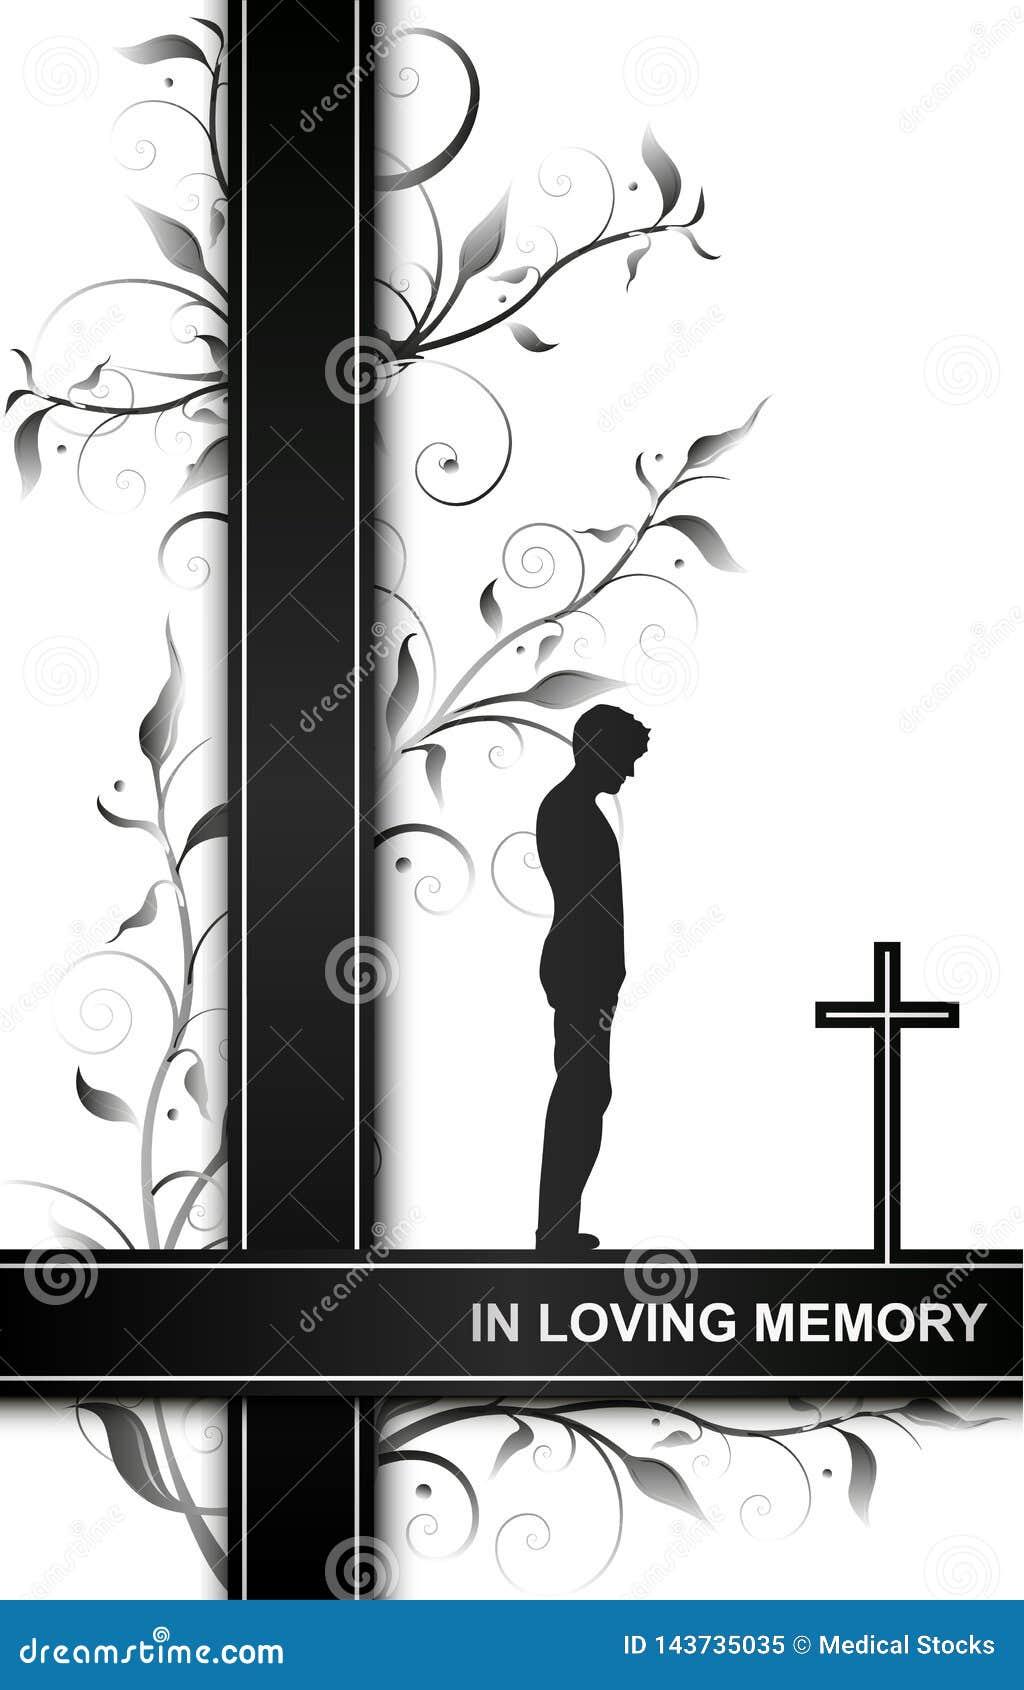 Оплакивая карта в любя памяти с человеком на перекрестных и флористических элементах изолированных на белой предпосылке